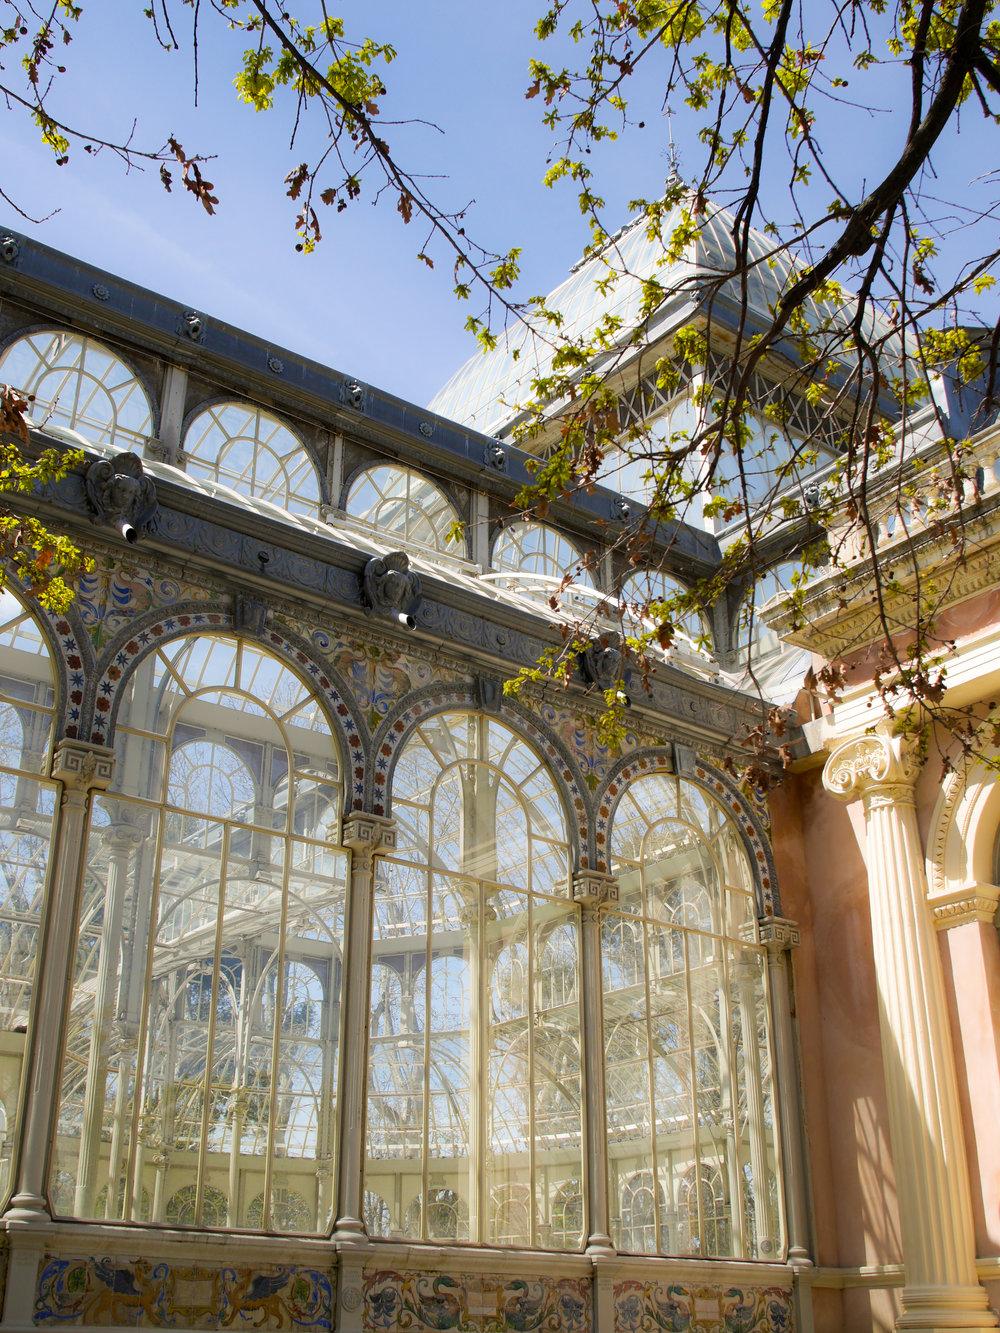 Palacio de Cristal del Retiro in Madrid, Spain